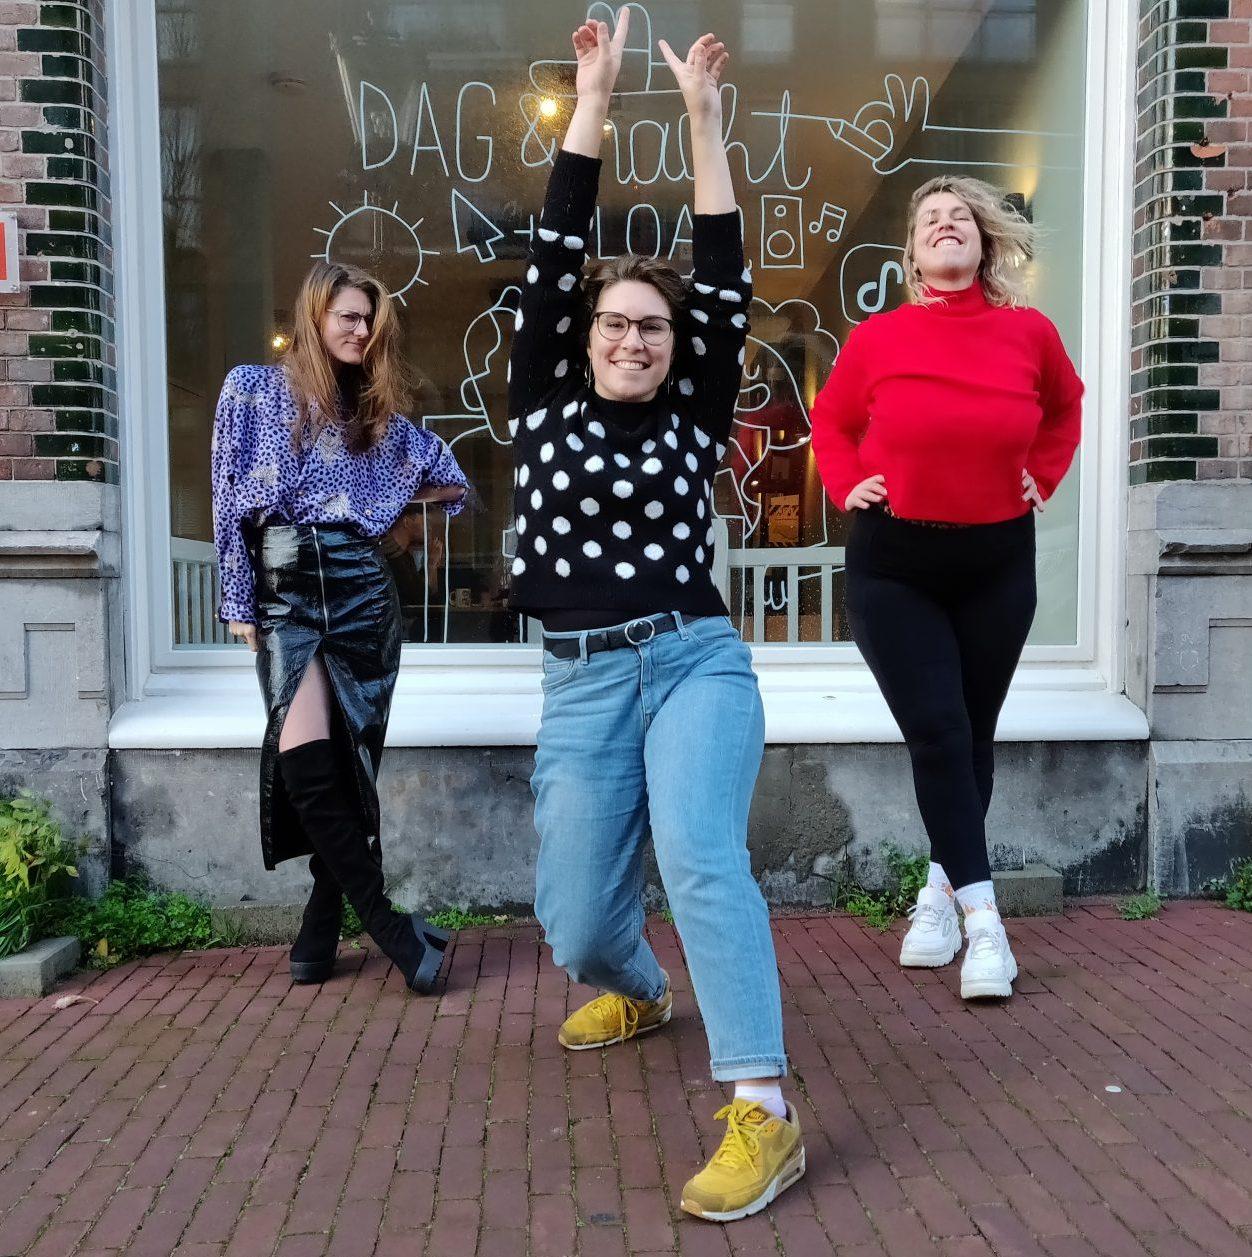 Nydia, Esther en Marie Lotte poseren op de stoep voor de studio van Dag en Nacht media